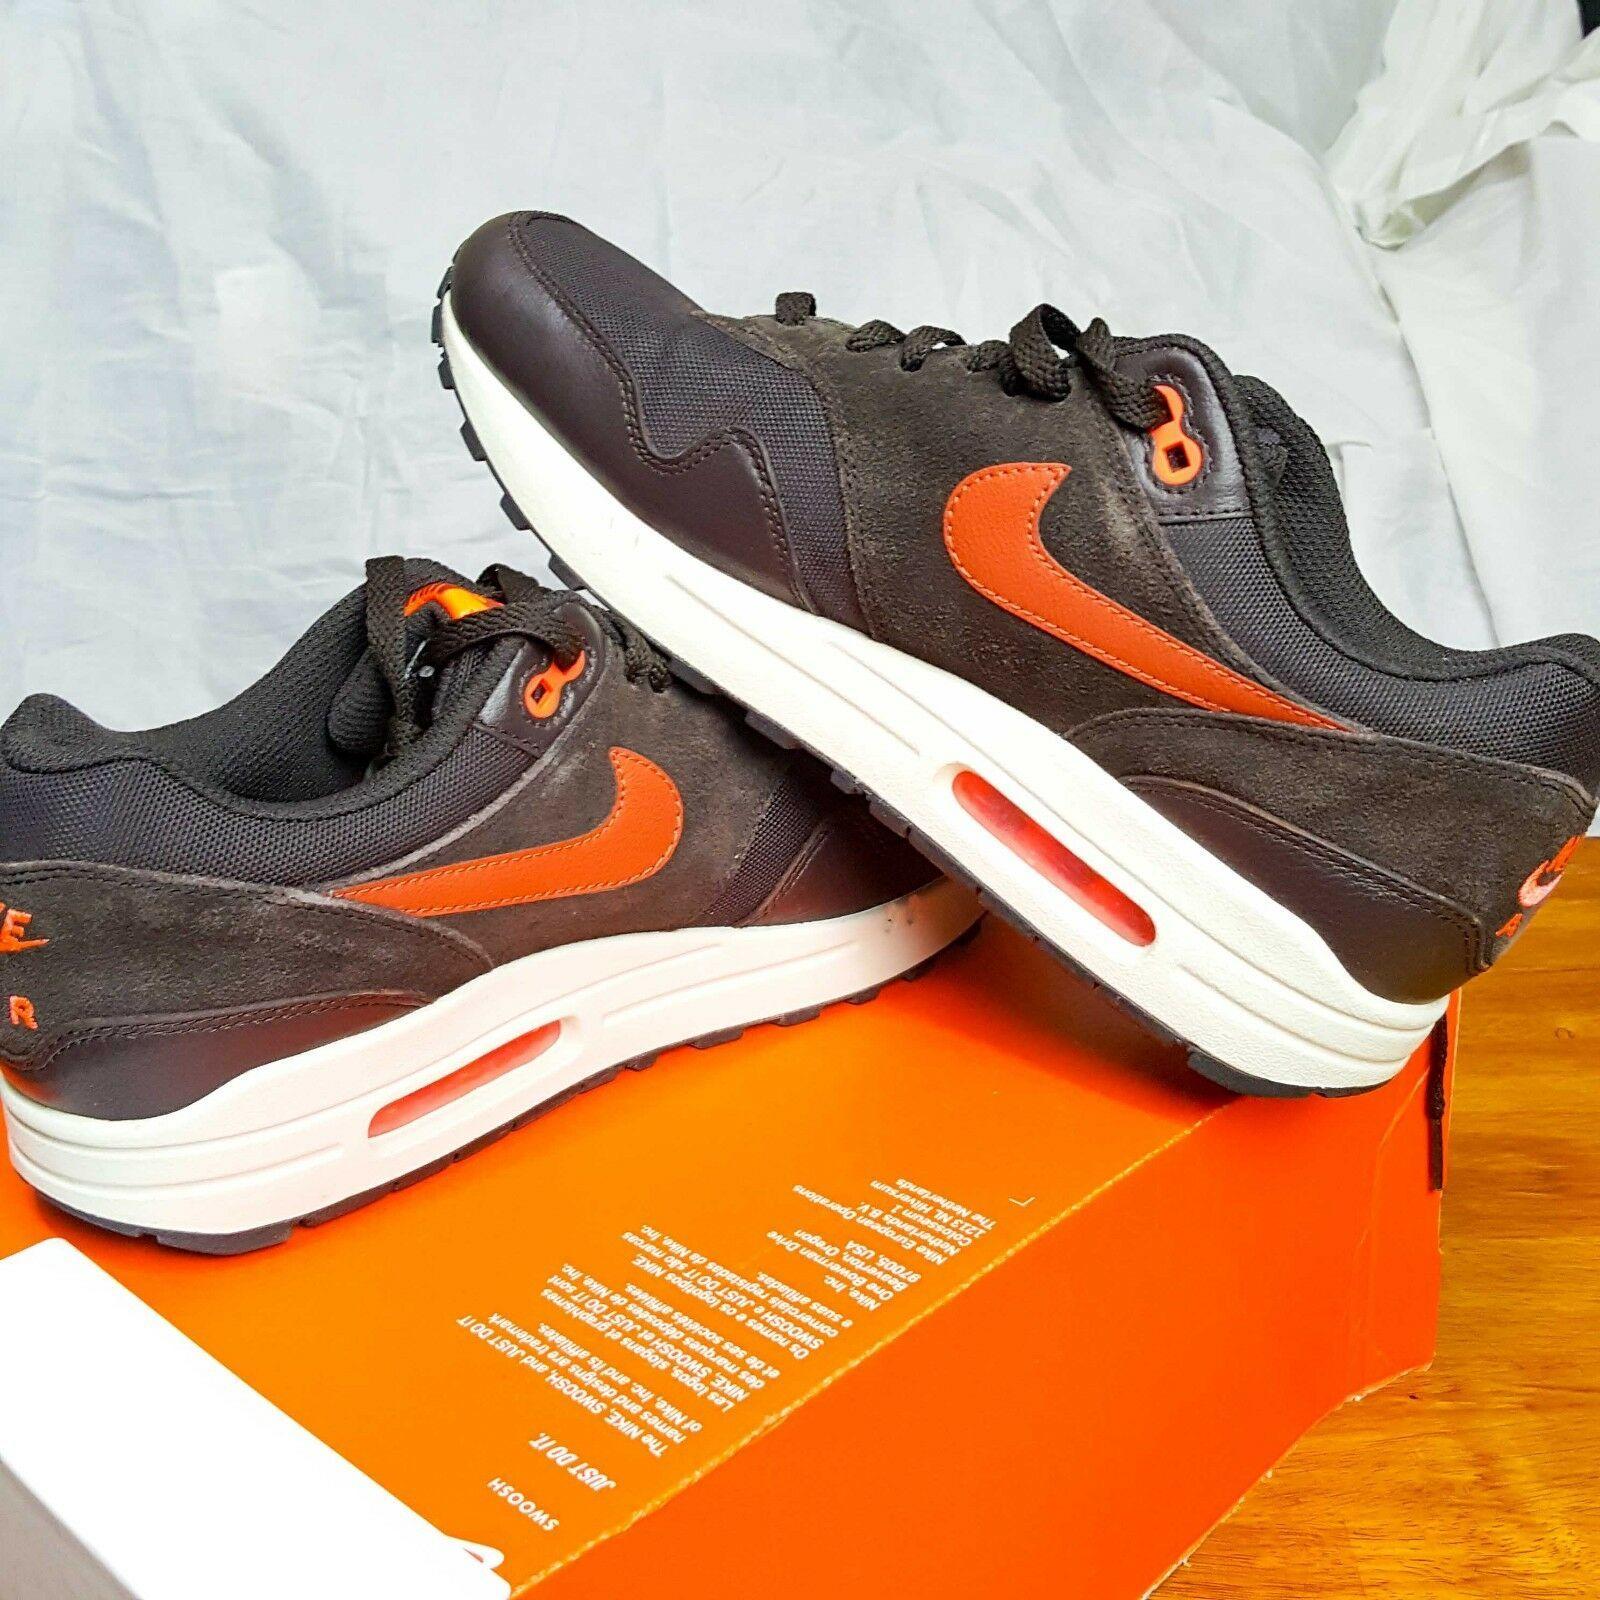 hot sale online 05dd1 4ac37 Nike Air Max 1 Premium Velluto Marrone Color Pesca Cremisi 875844-202  Taglia 9